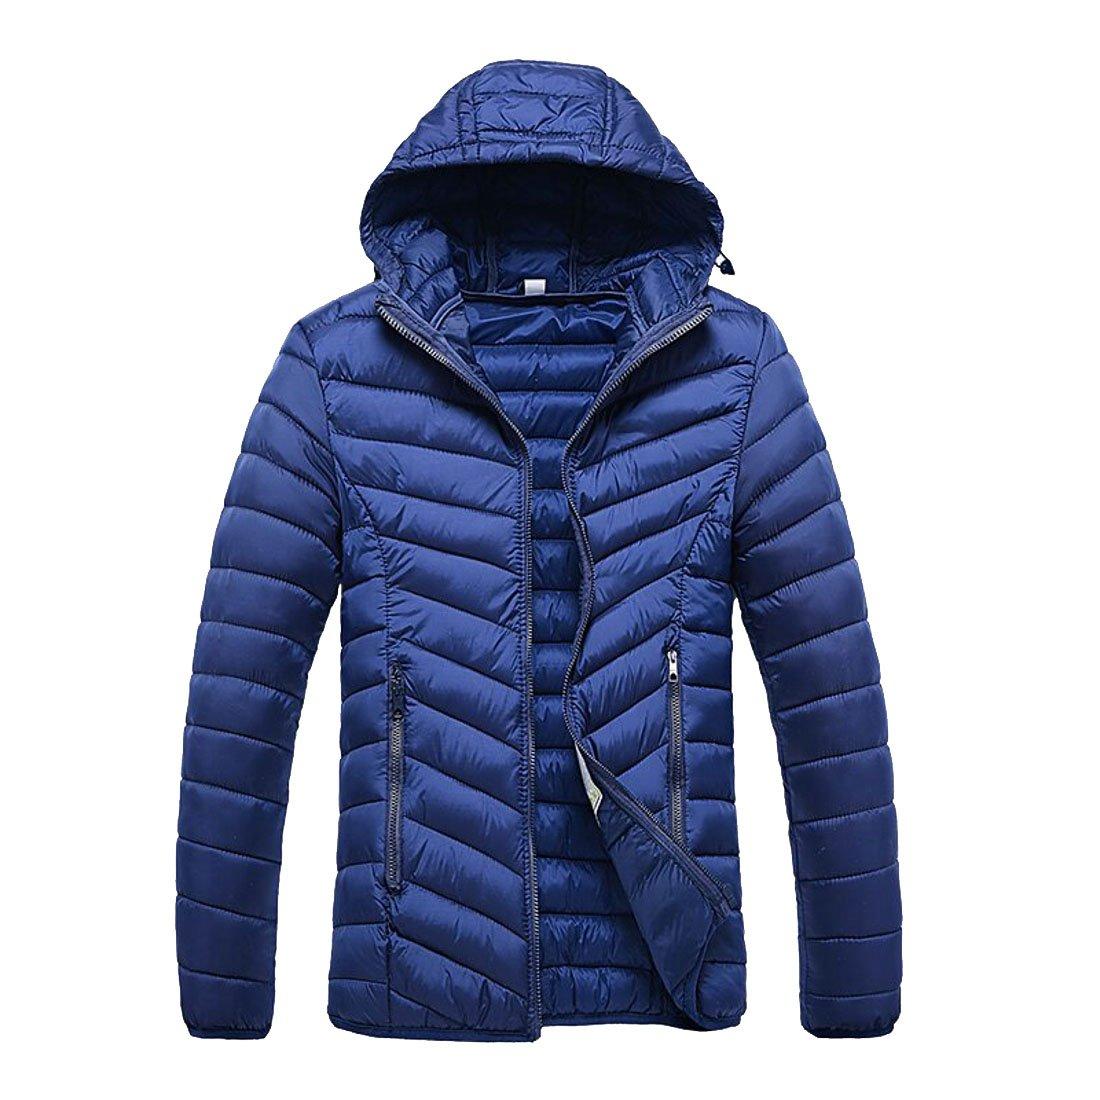 Dark bluee KLJR-Men Winter Winter Winter Full Zip Quilted Padded Hooded Coats Jacket Outdoor Jacket deb714